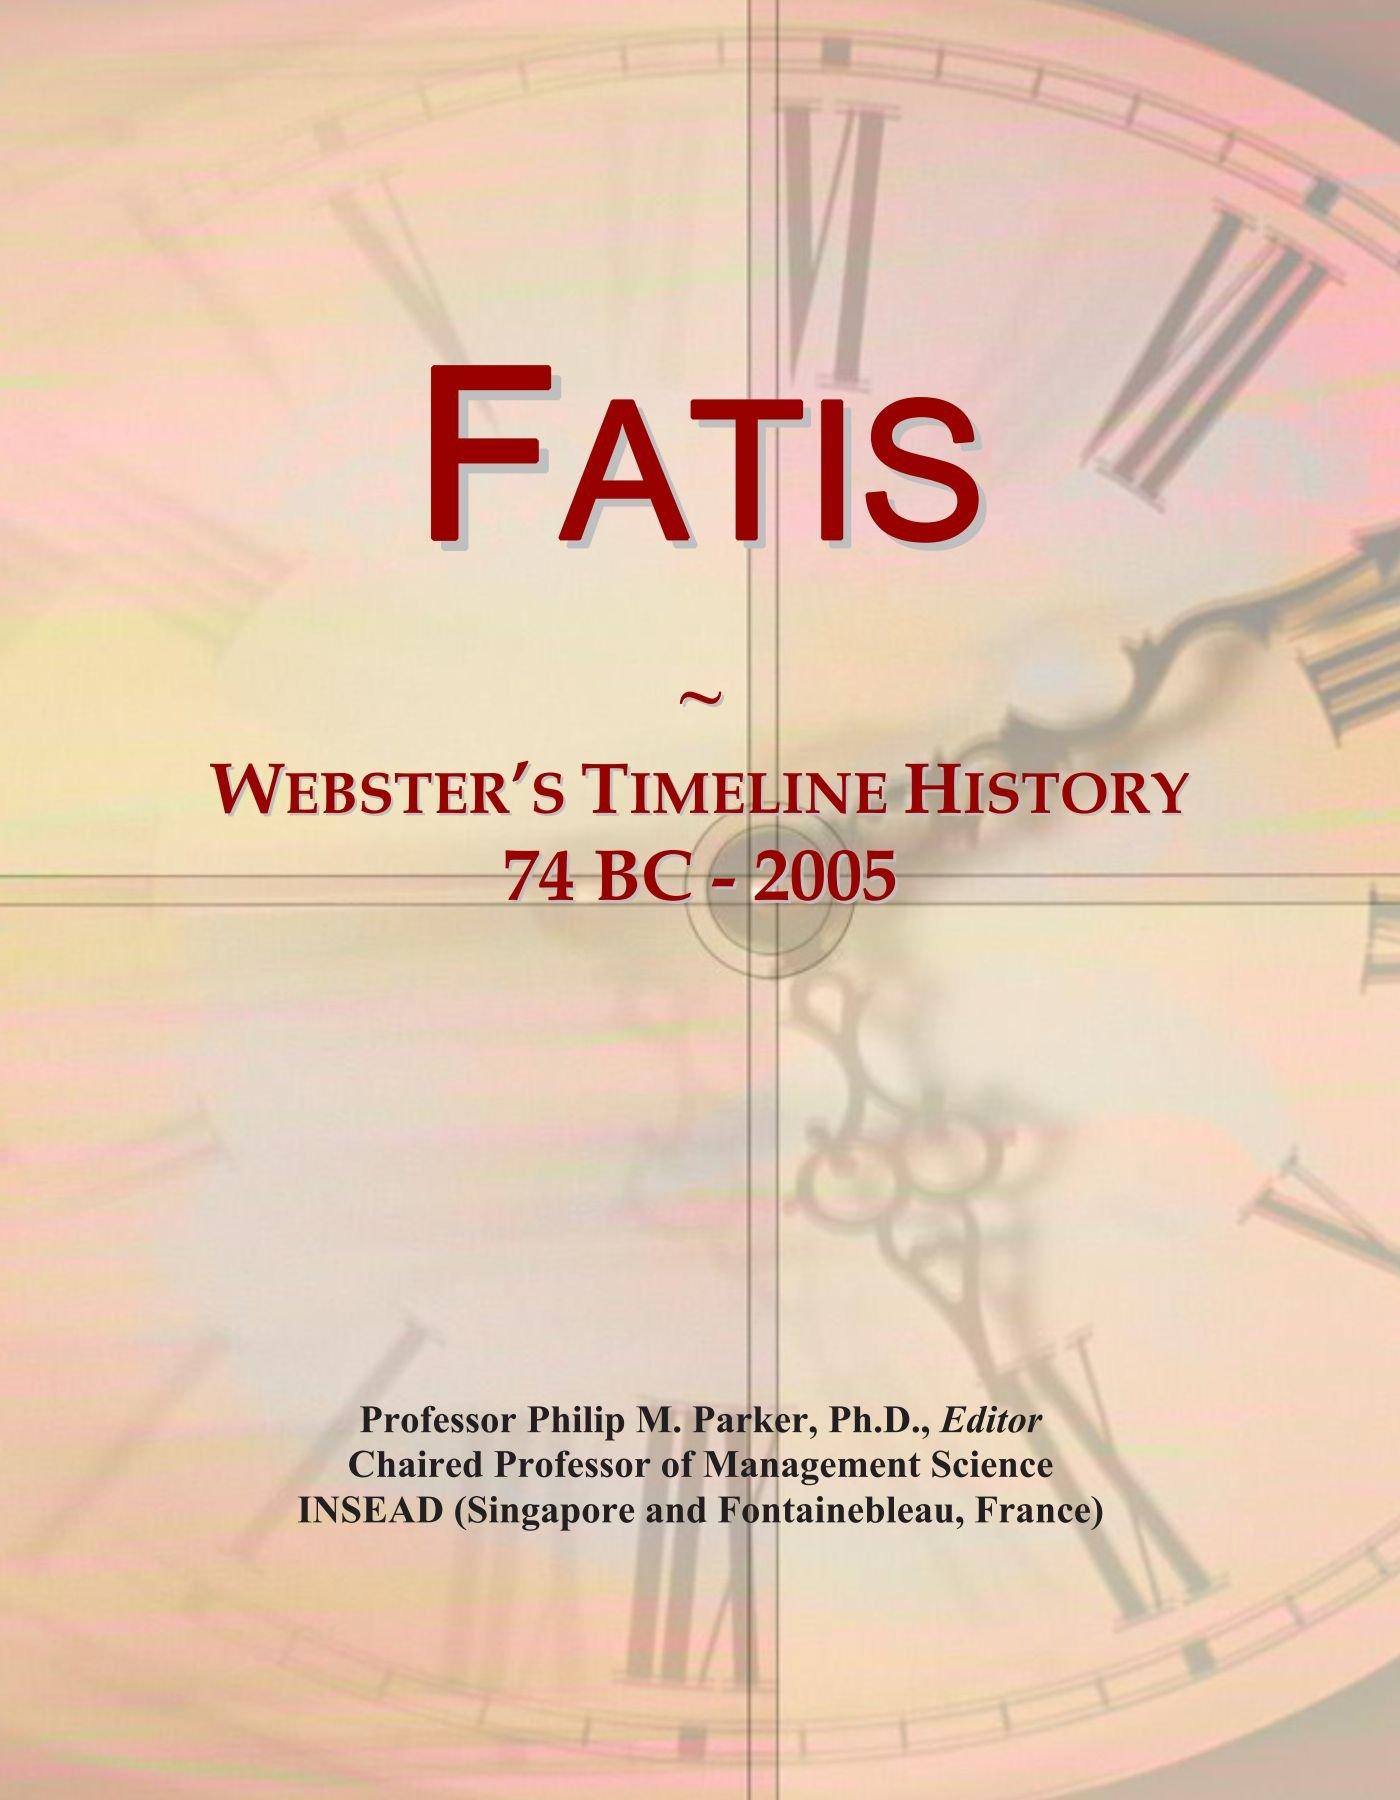 Fatis: Webster's Timeline History, 74 BC - 2005 pdf